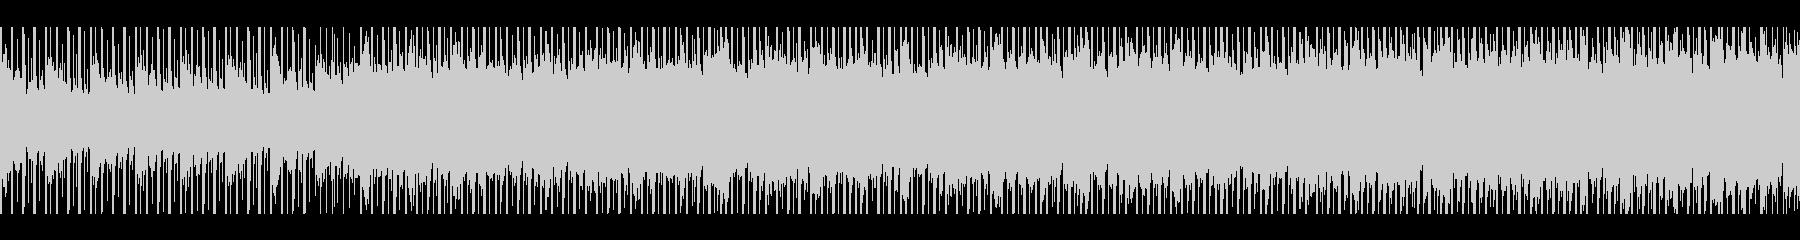 建設工事(ループ)の未再生の波形